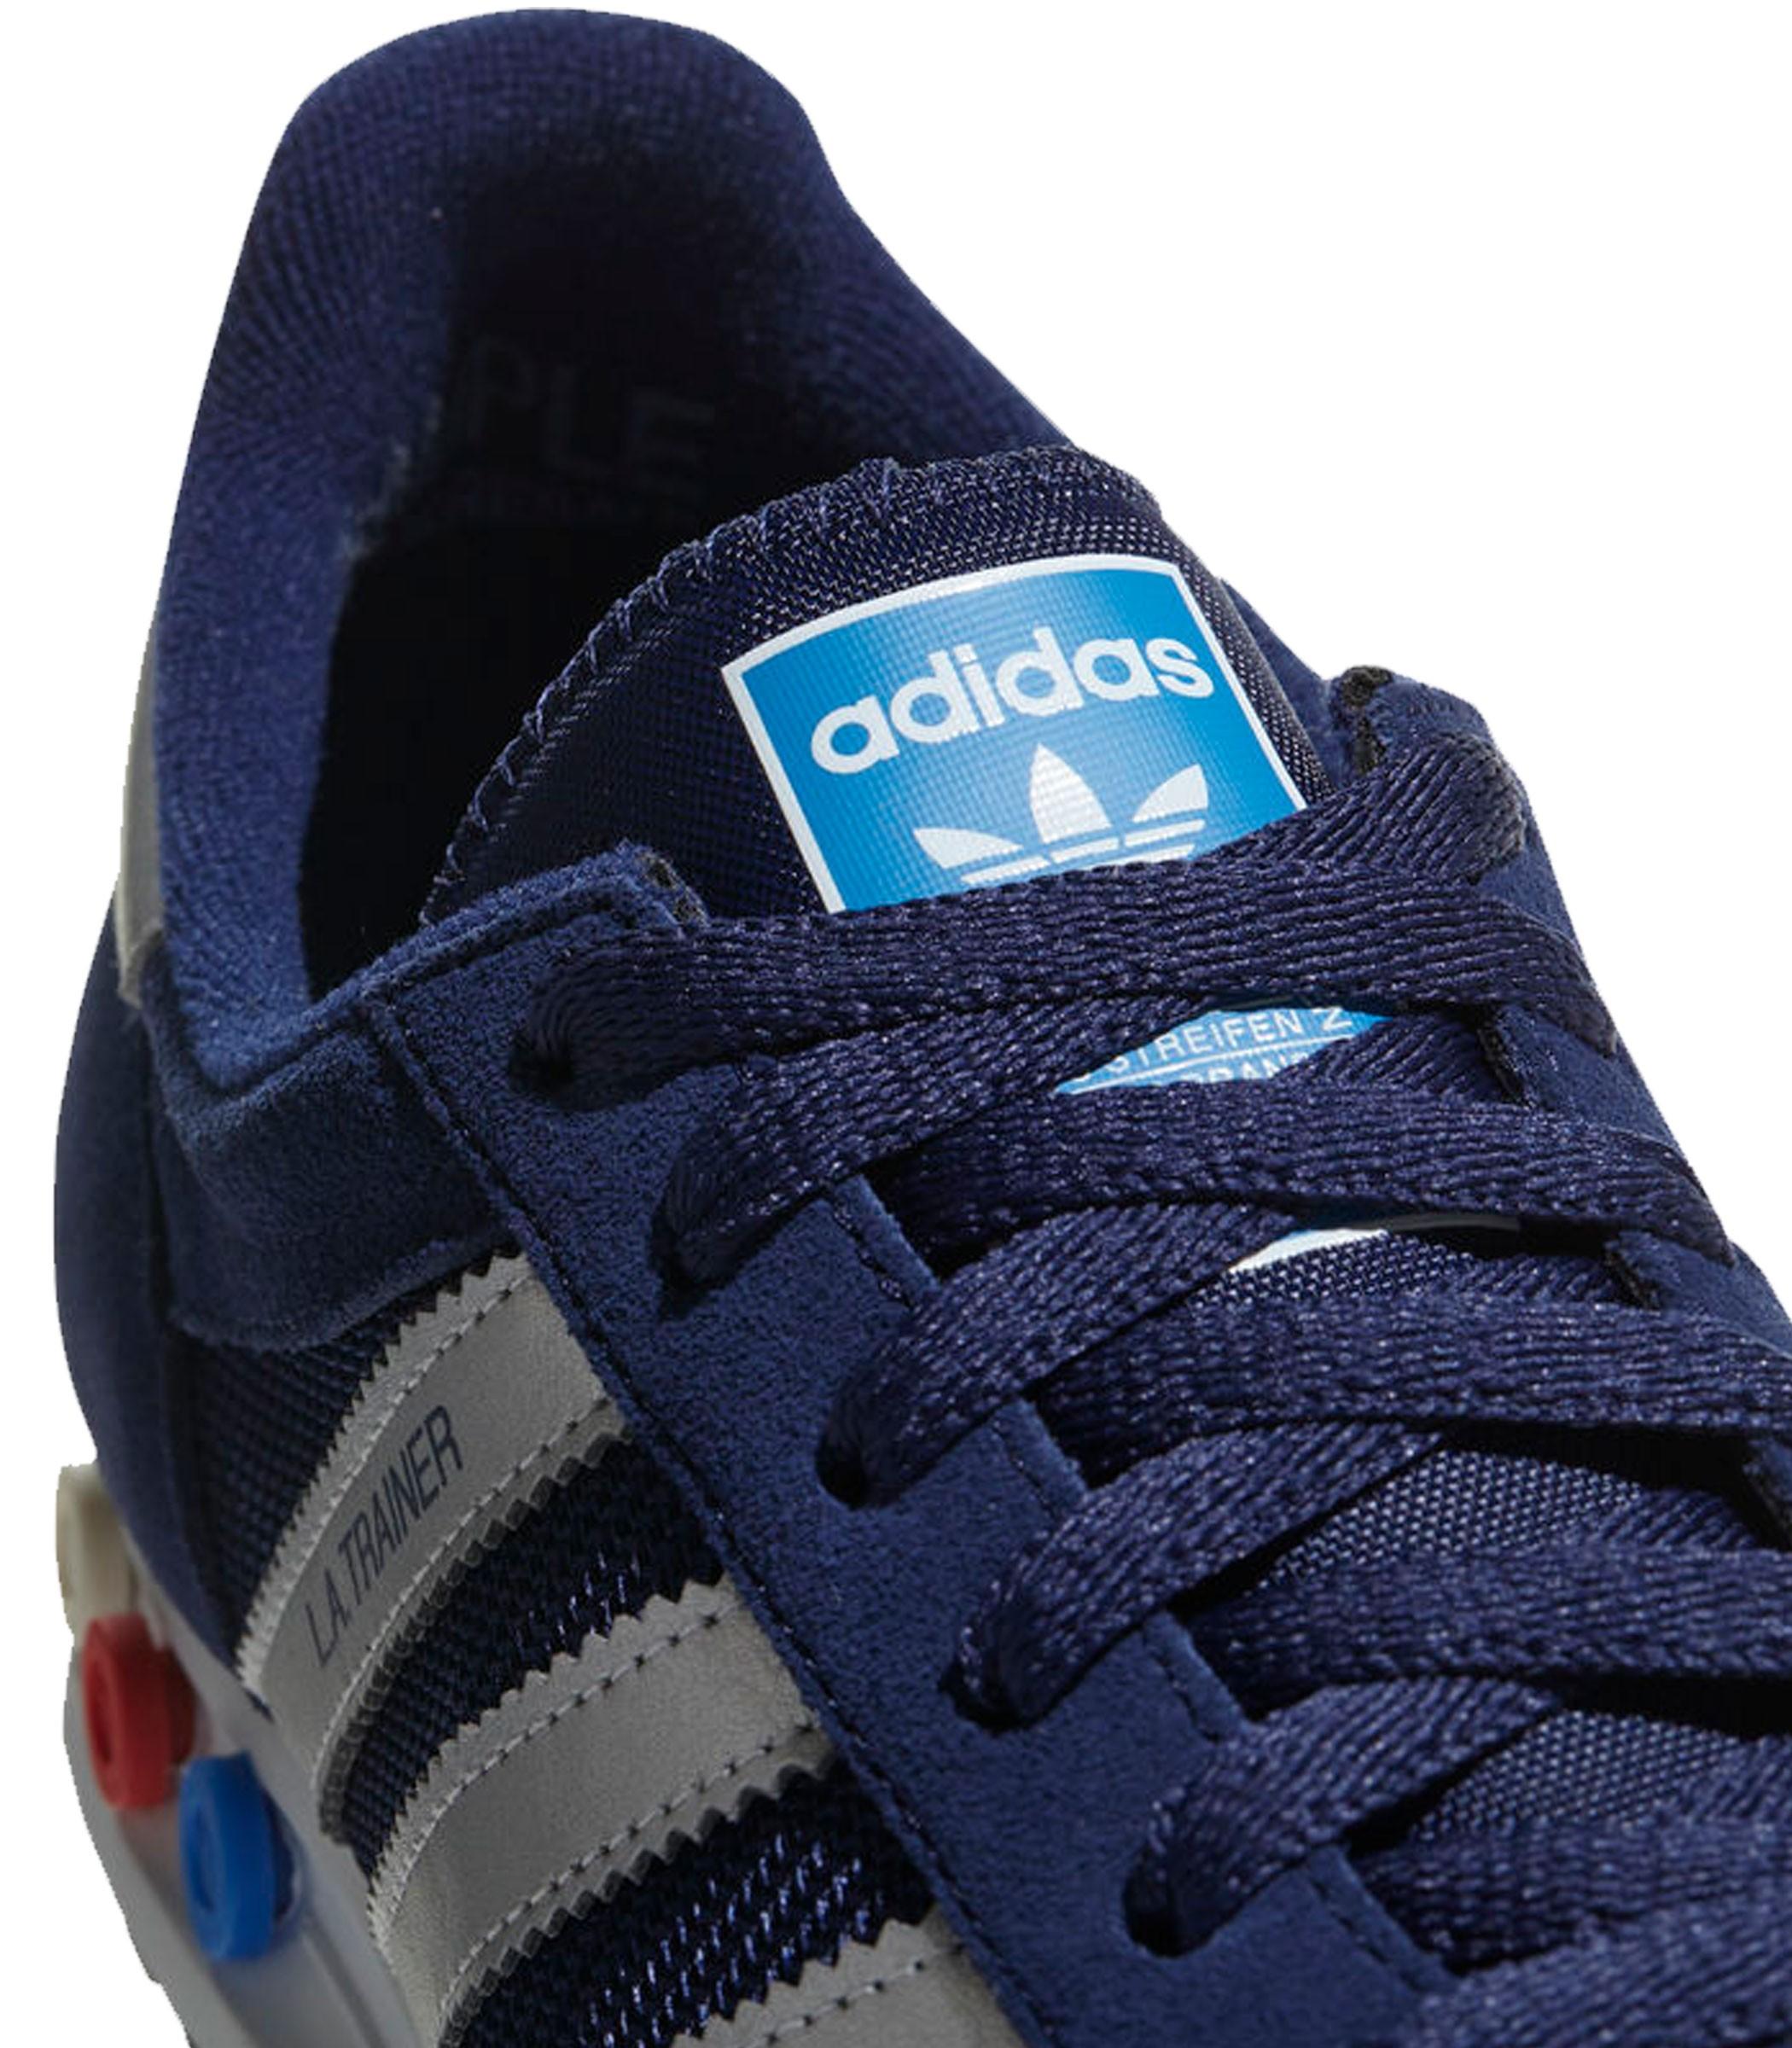 sports shoes c7f47 fbaa5 Uomo Ginnastica Scarpe Cq2278 Trainer La Adidas Rif Da XxWnF